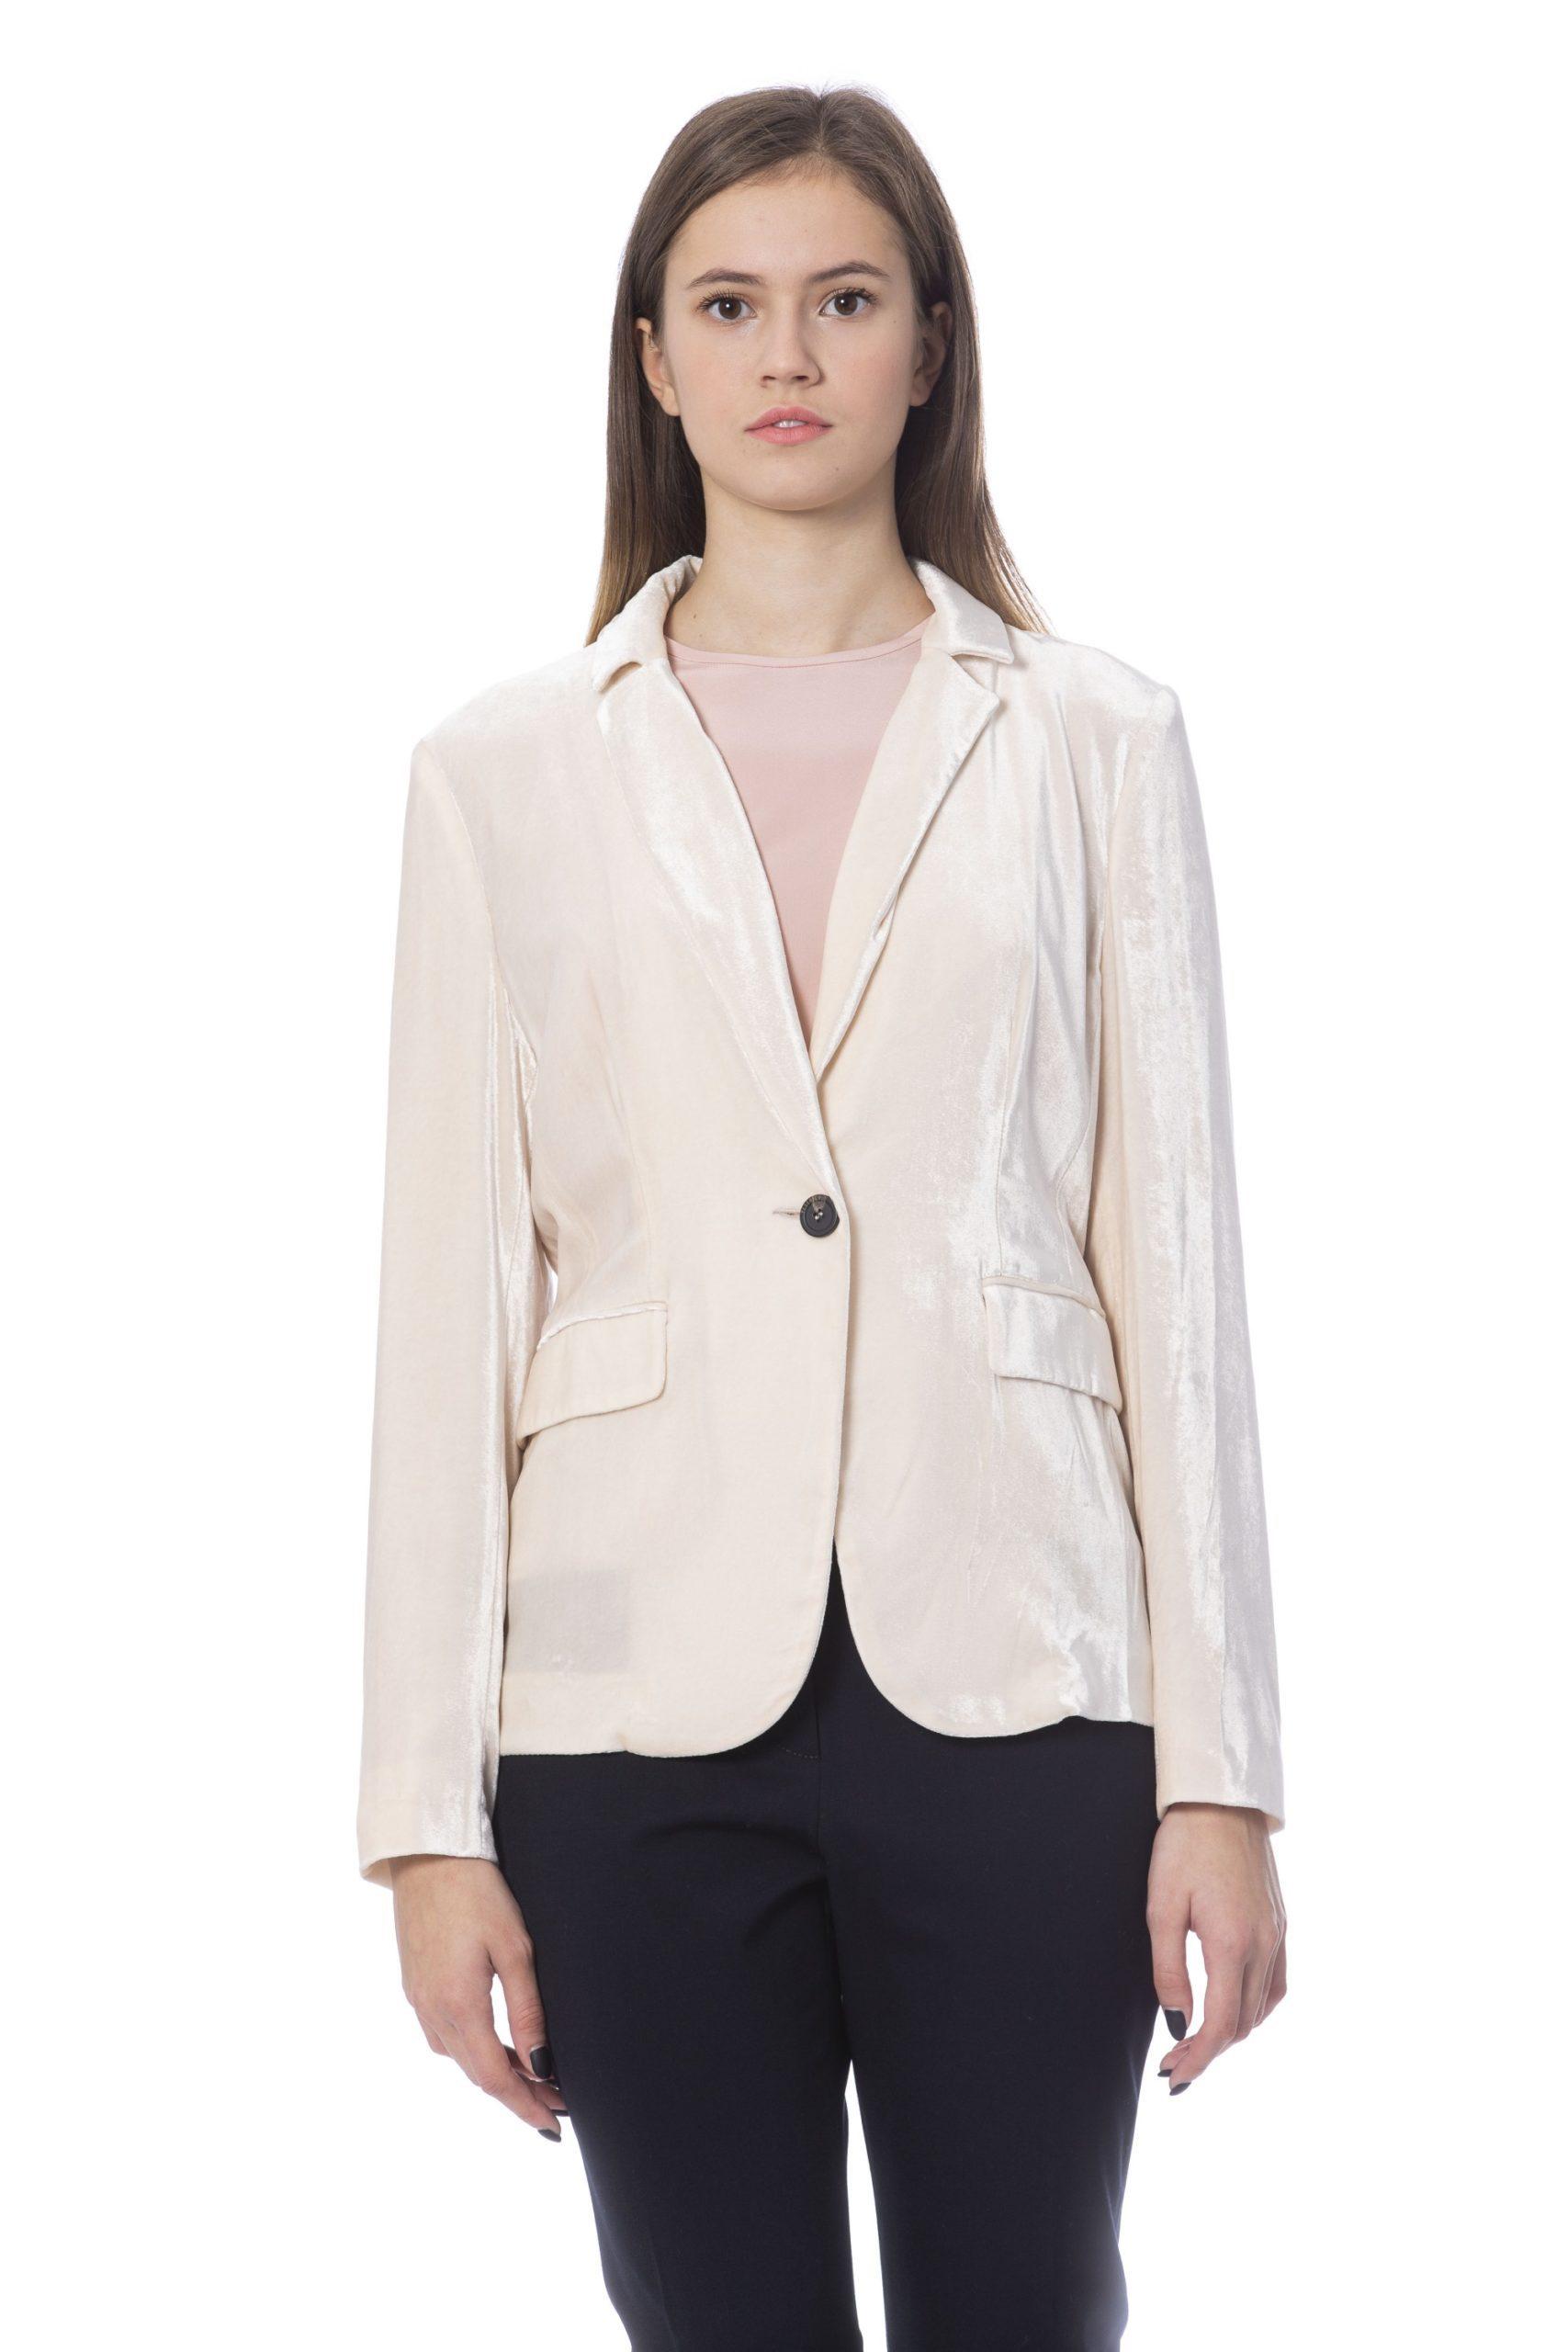 Peserico Women's Jacket Pink PE854188 - IT42 | S